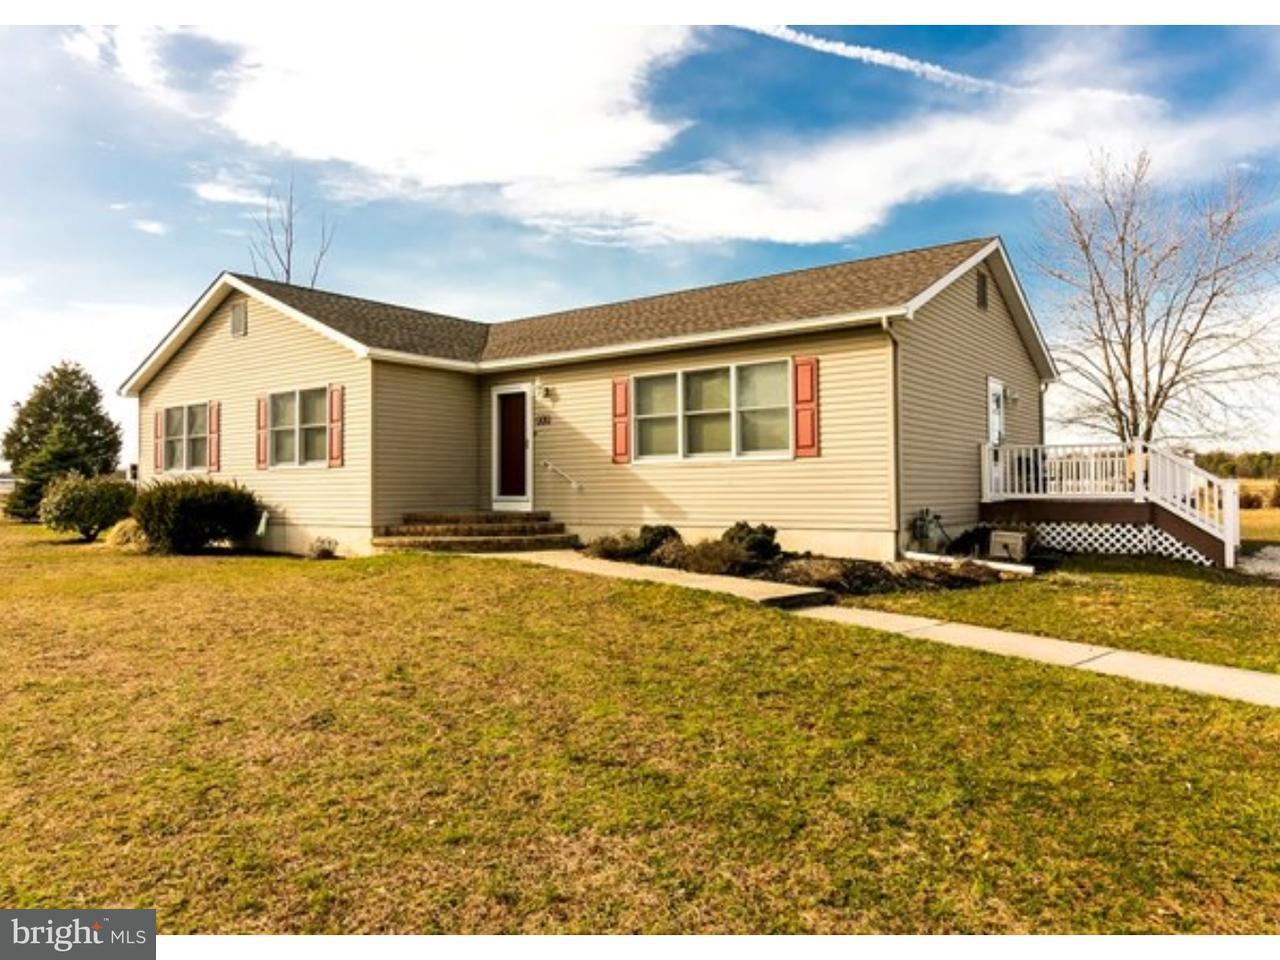 Частный односемейный дом для того Продажа на 213 PUMP BRANCH Road Waterford Works, Нью-Джерси 08089 Соединенные Штаты